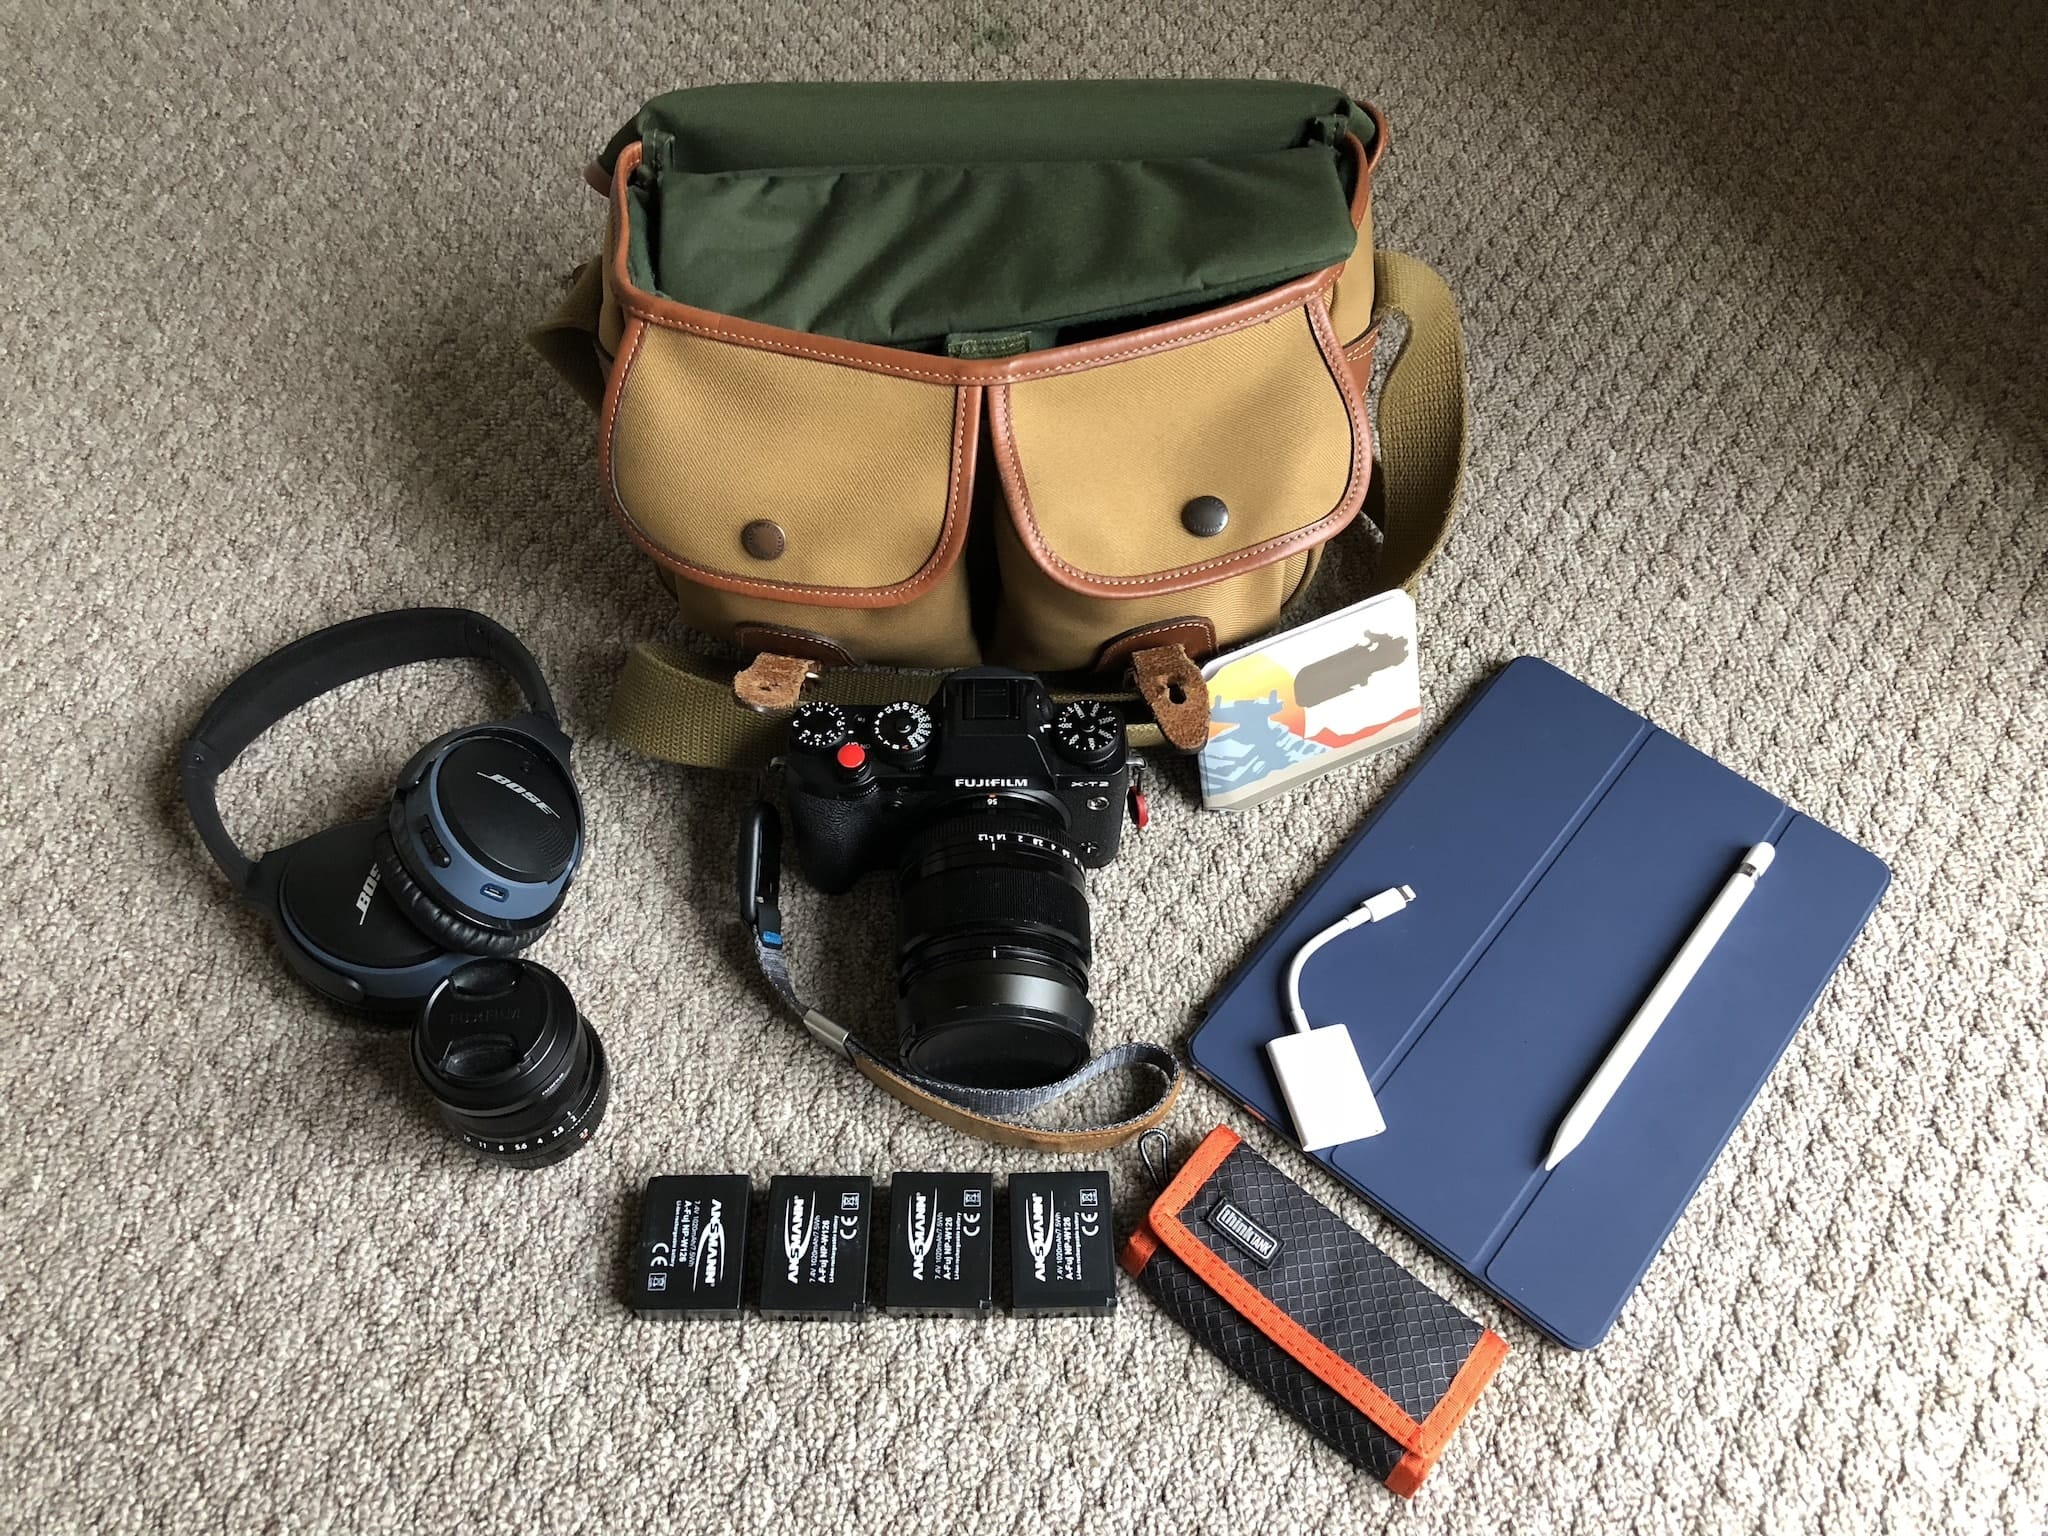 John Hughes' Camera Bag - Bag No. 153